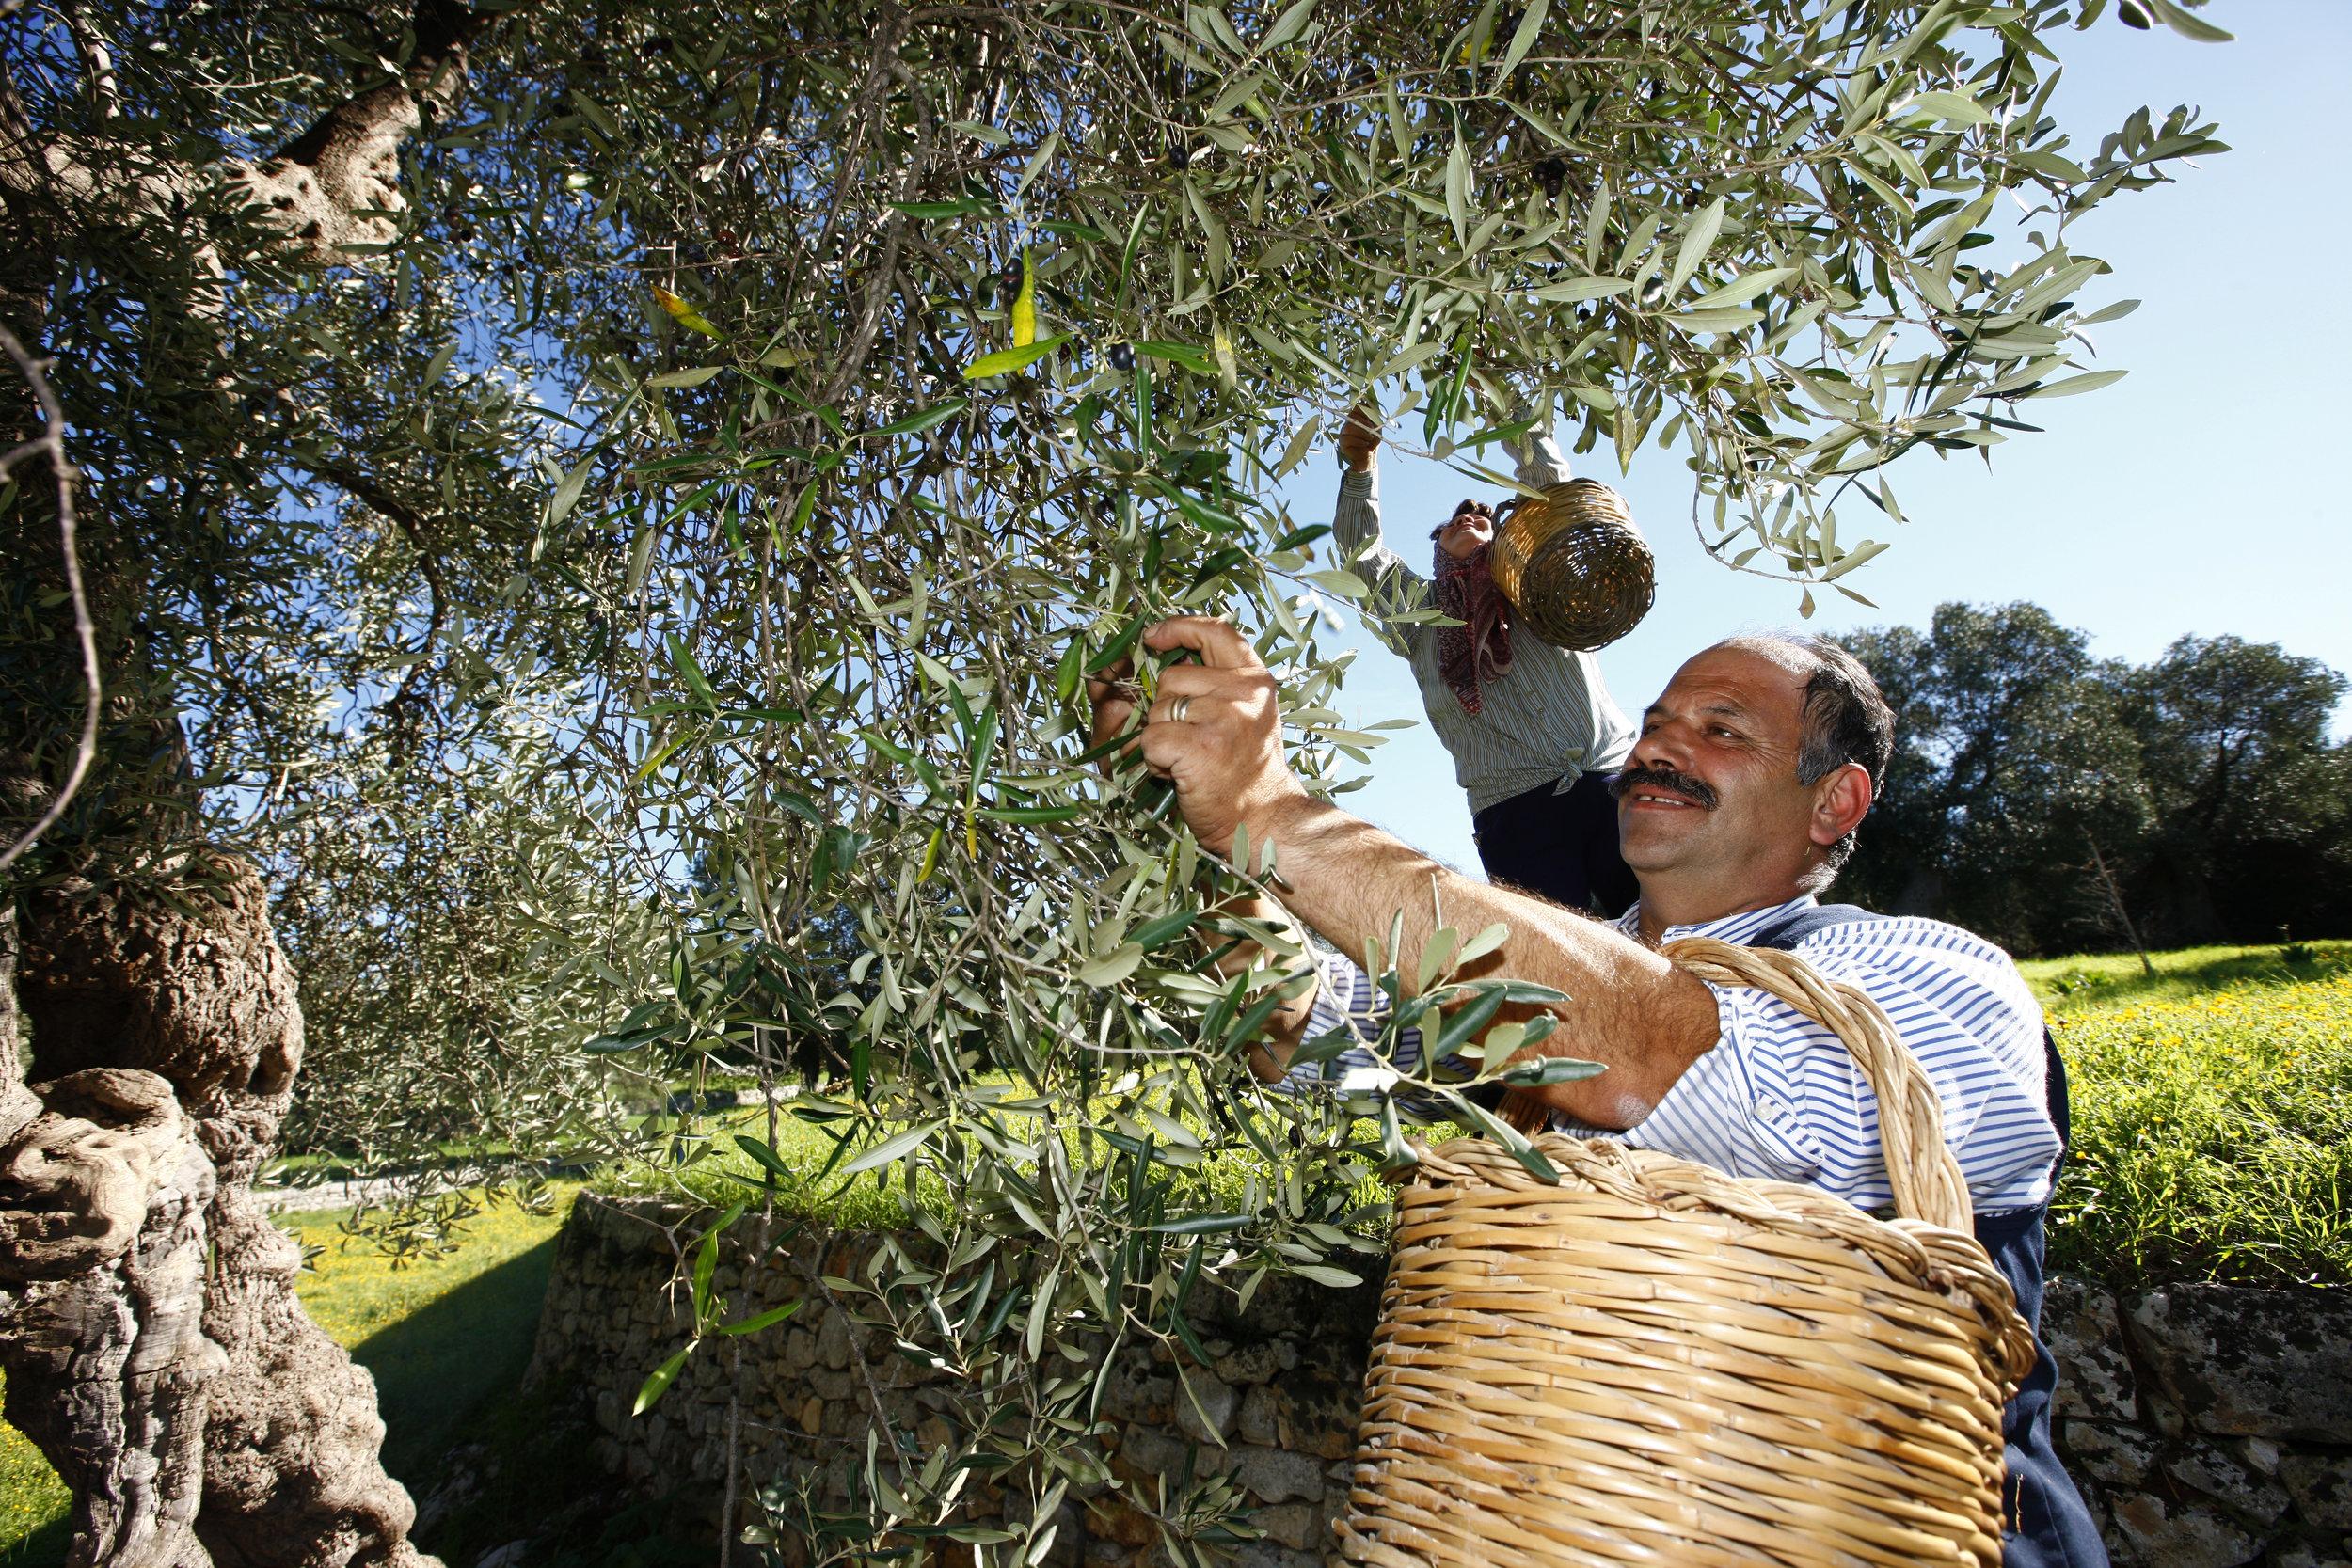 La Cueillette - La récolte dans les Pouilles se fait à la main mais aussi à l'aide de grandes perches afin de ne pas abimer les feuilles et les olives.Idéalement, les olives sont récoltées lorsqu'elles sont encore vertes pour que l'arôme de l'huile conserve toute son intensité.